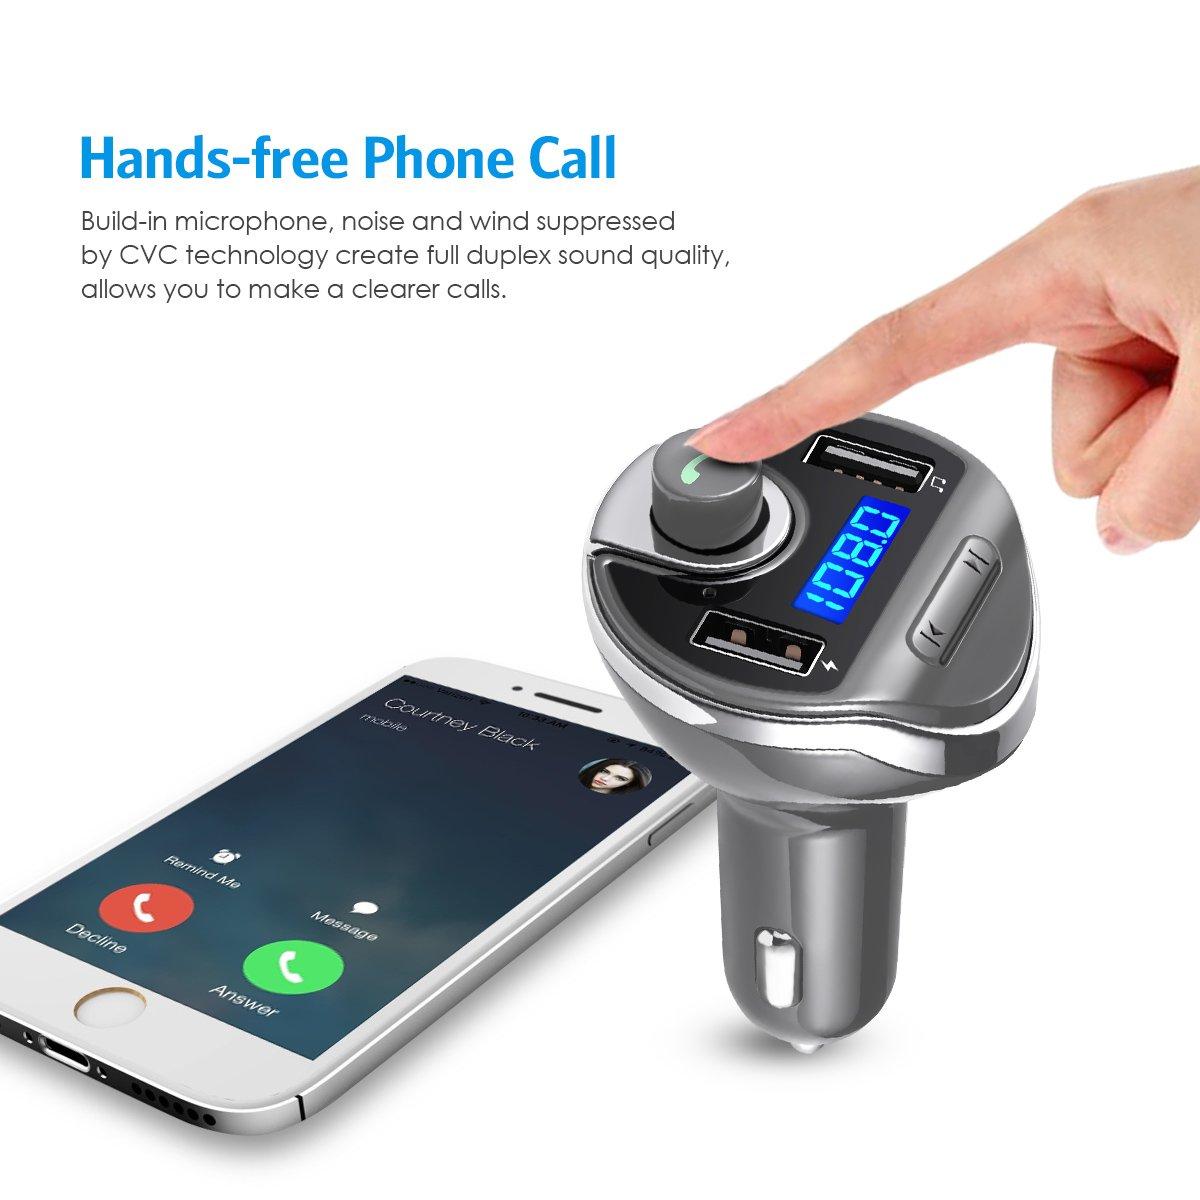 Voiture Bluetooth Transmetteur FM Sans Fil Chargeur Voiture avec 2 USB Port 5V//2.1A et 1A Lecteur MP3 avec Micro Kit de Voiture Mains Libres Bleu Criacr Transmetteur FM Bluetooth